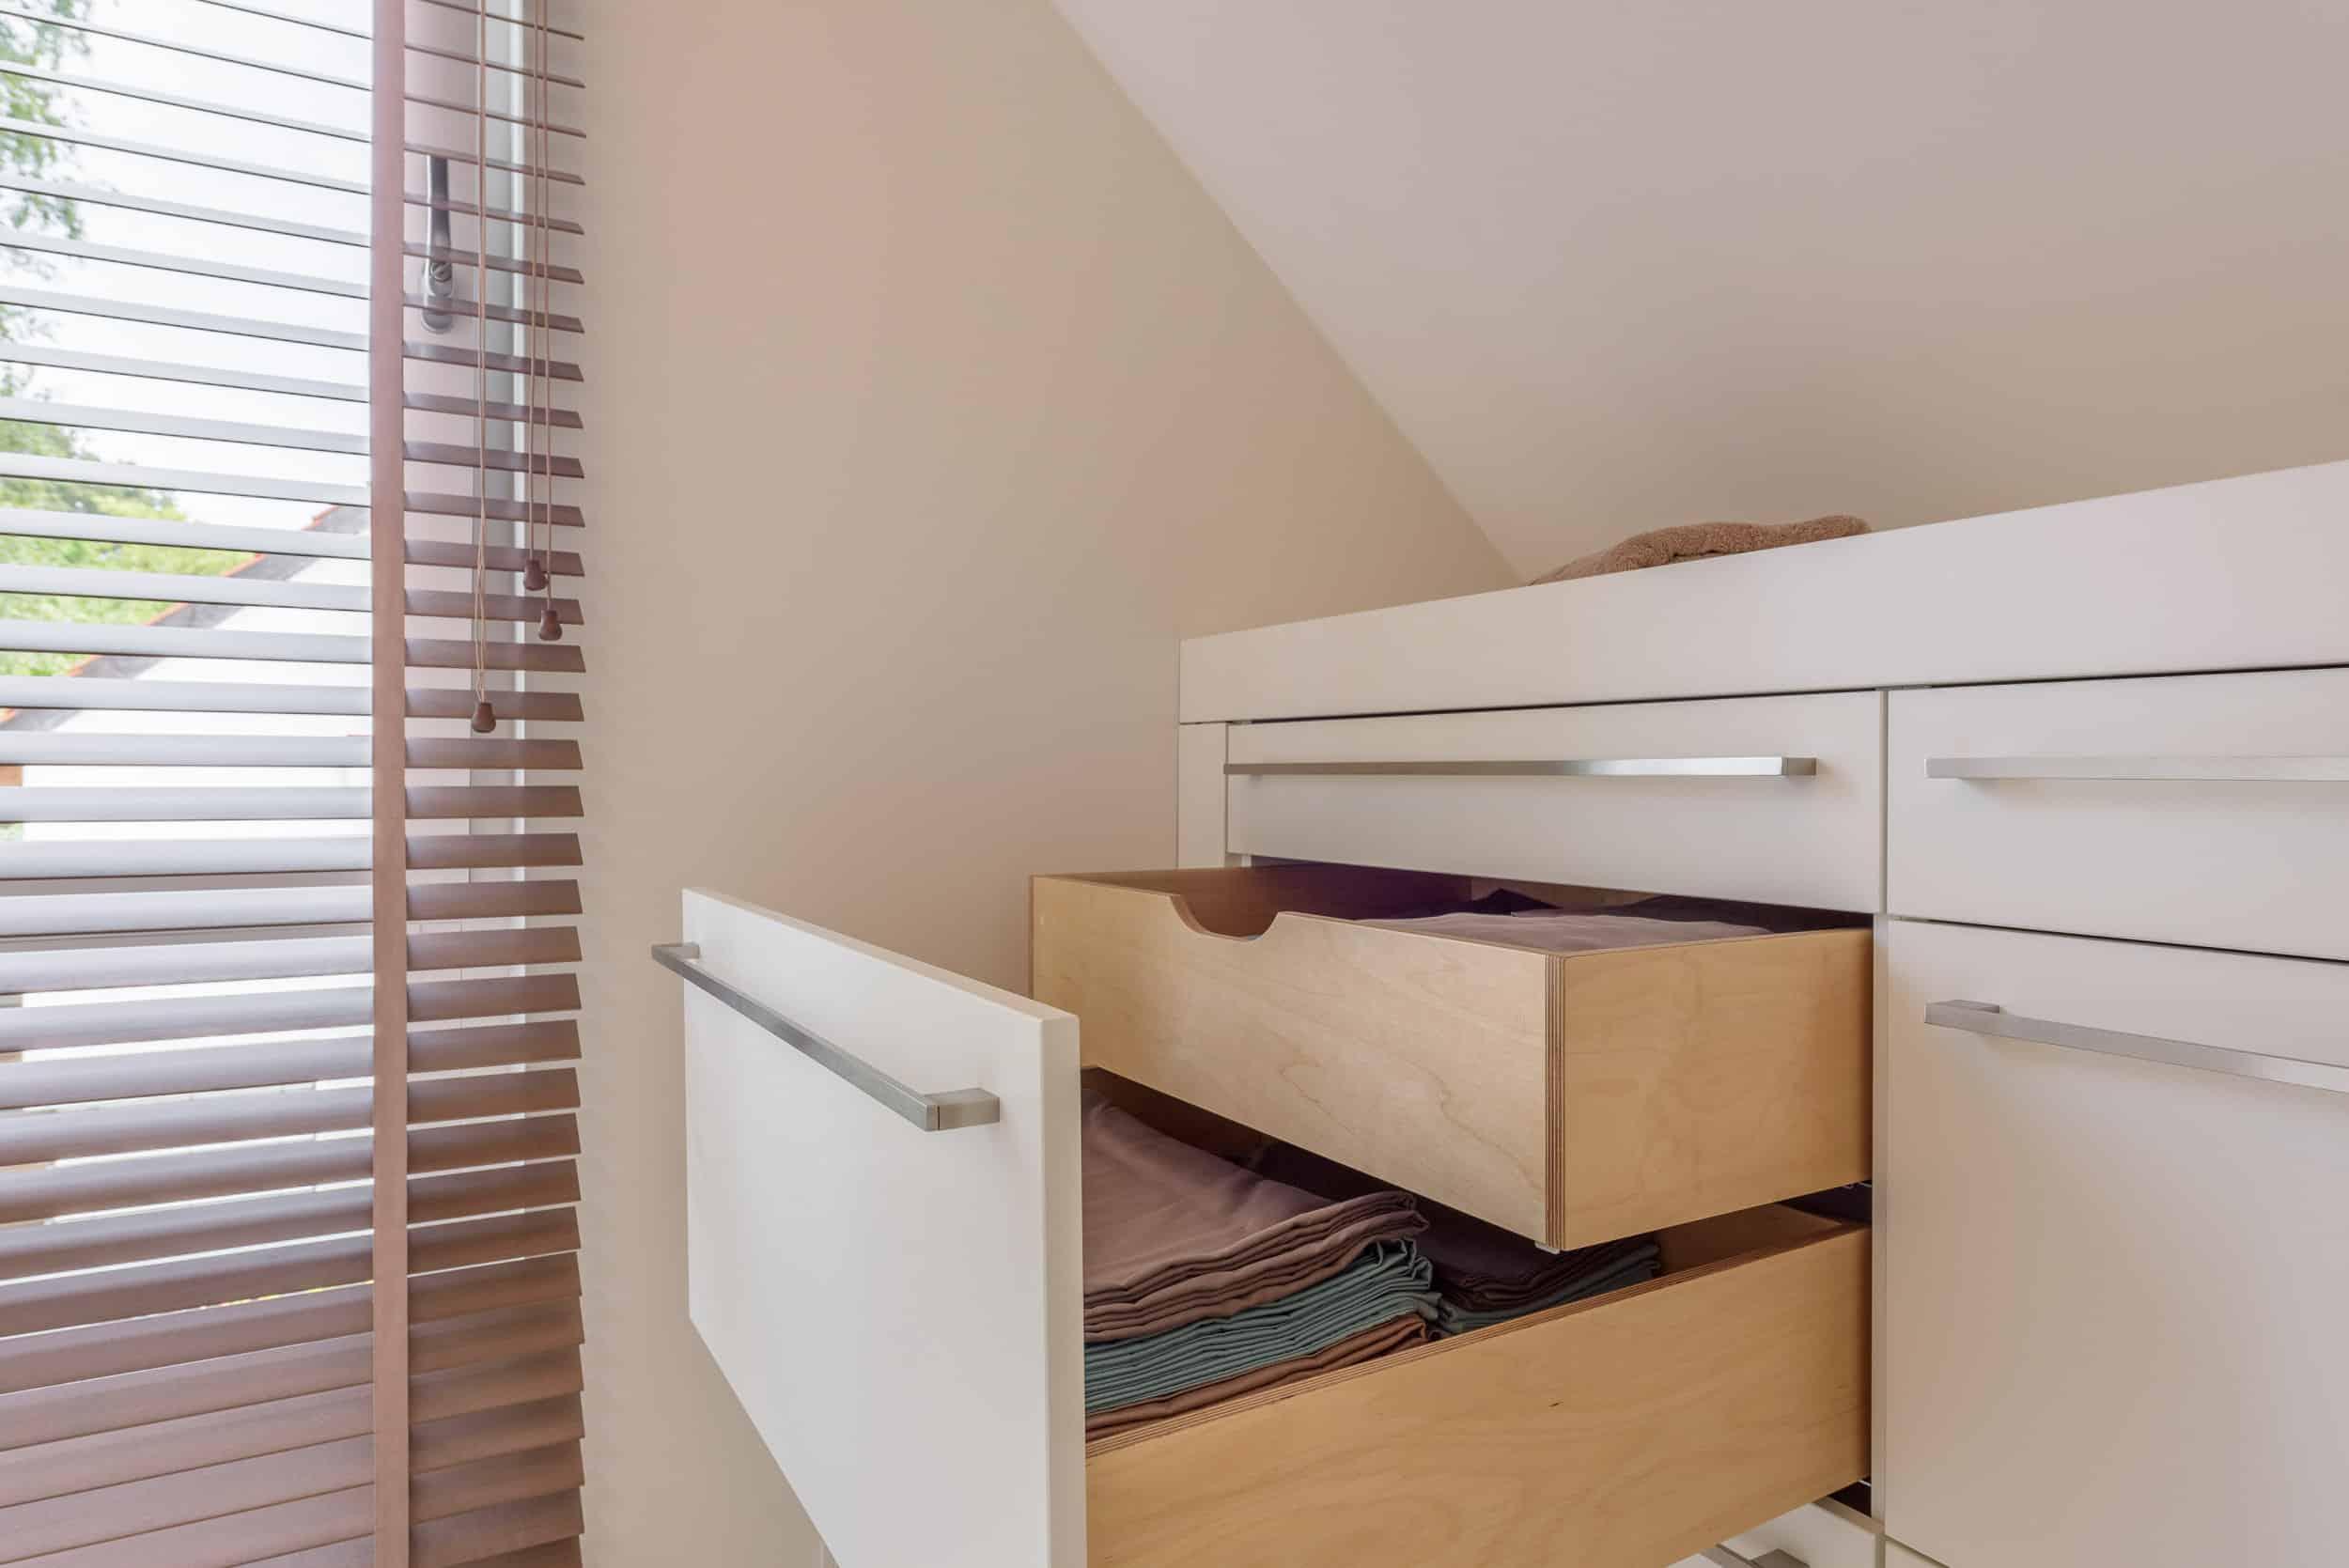 Komplettes Ankleidezimmer mit stilvollen Einbauschränken und großen Spiegeln